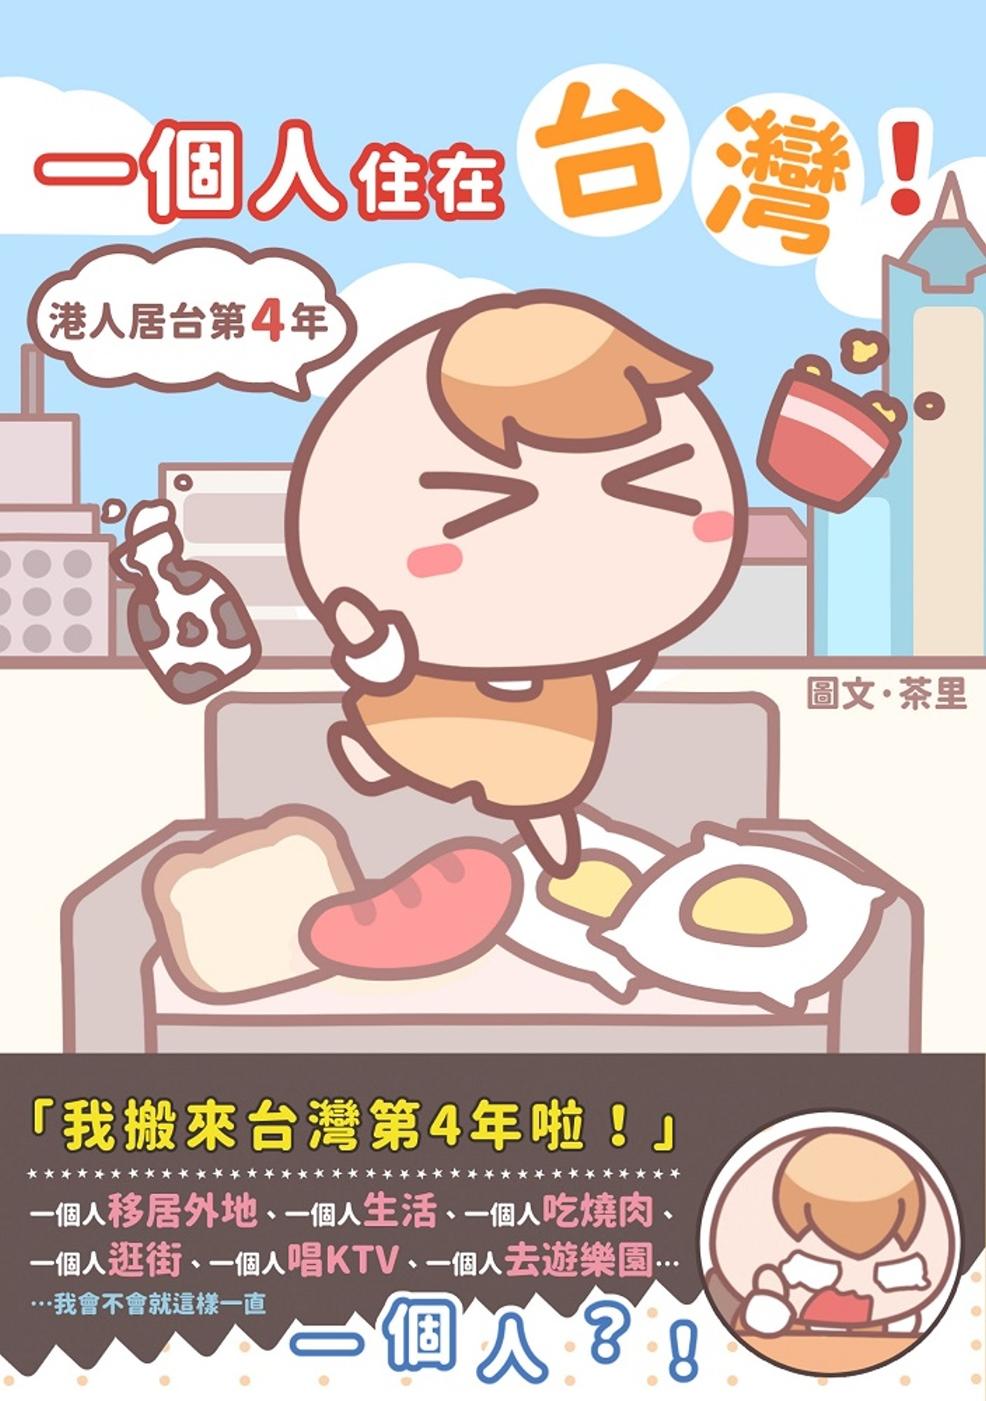 一個人住在台灣!:港人居台第4...